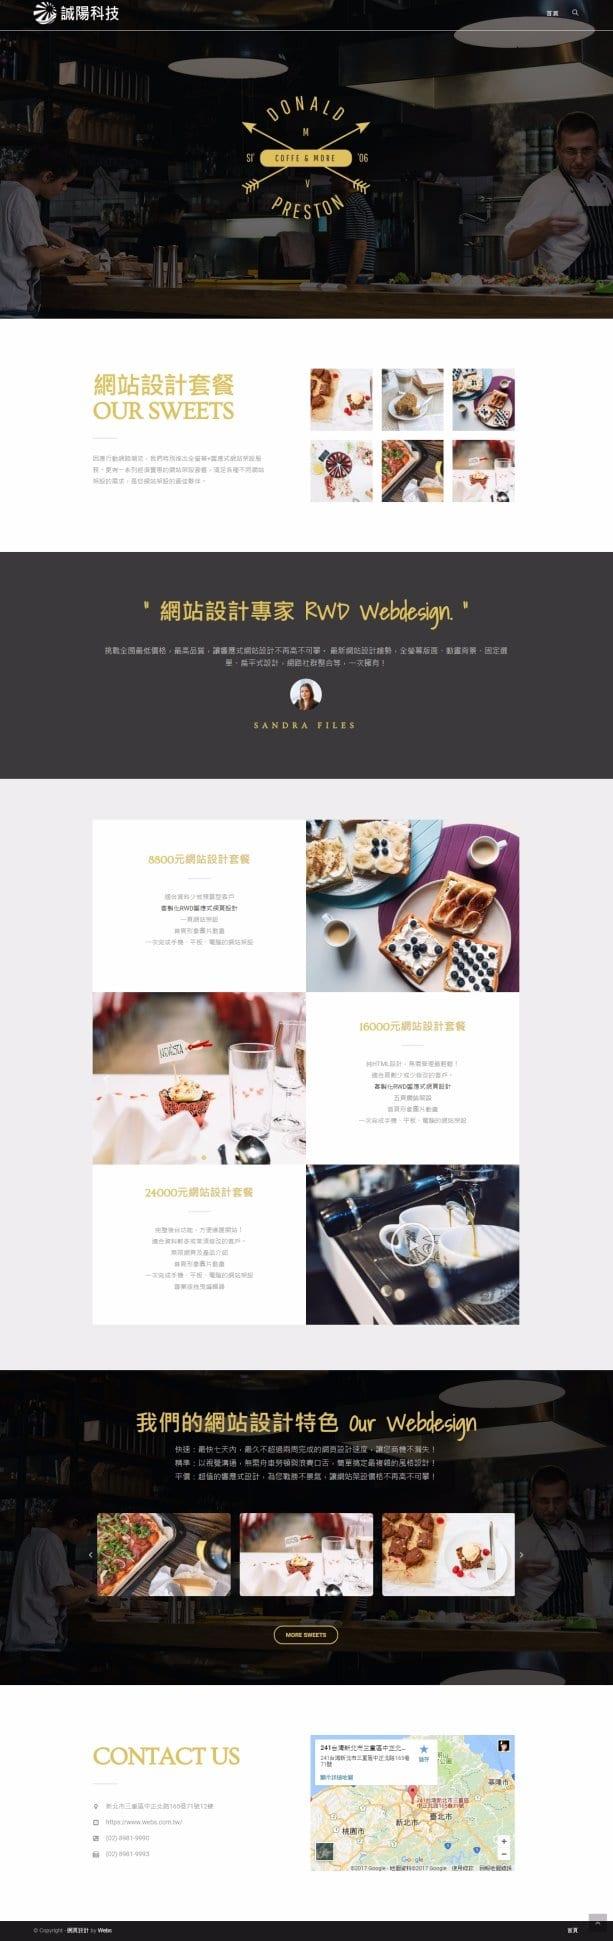 網頁設計-風格03-1